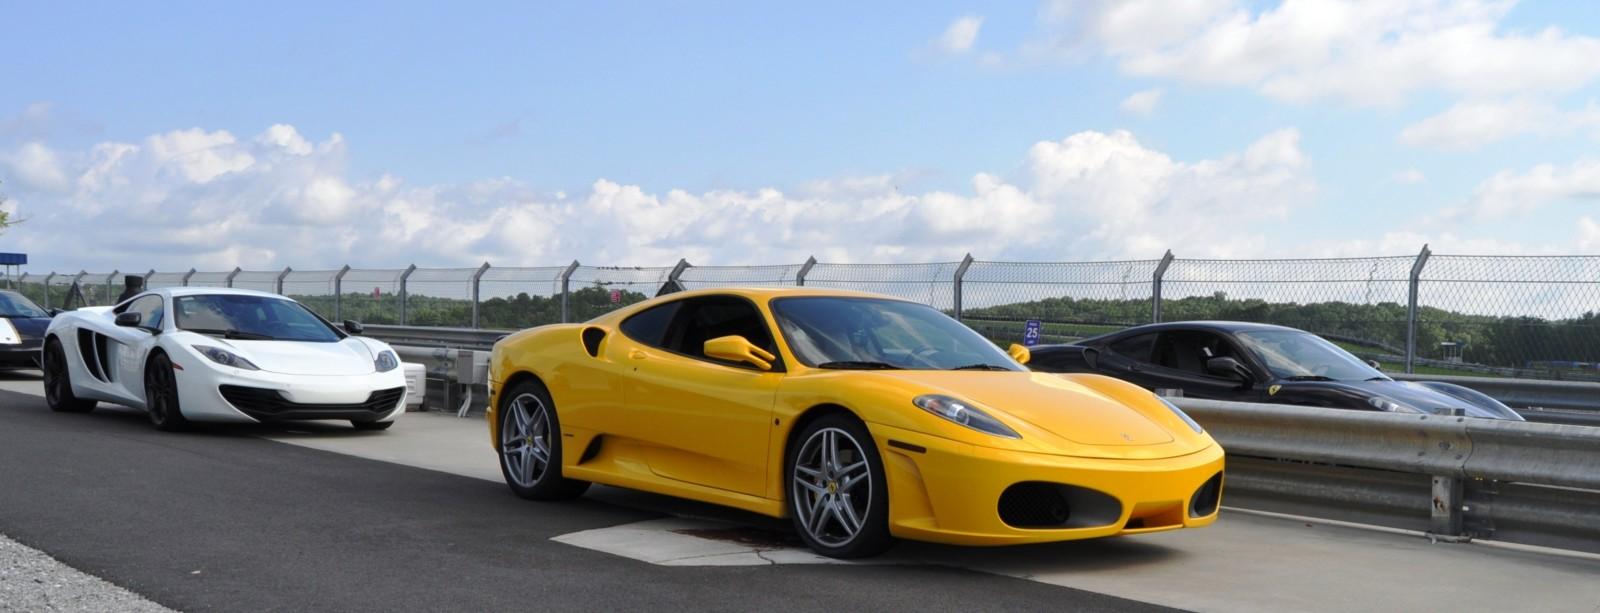 Beating the Supercar Paradox - 2007 Ferrari F430 at Velocity Motorsports Supercar Track Drive 10